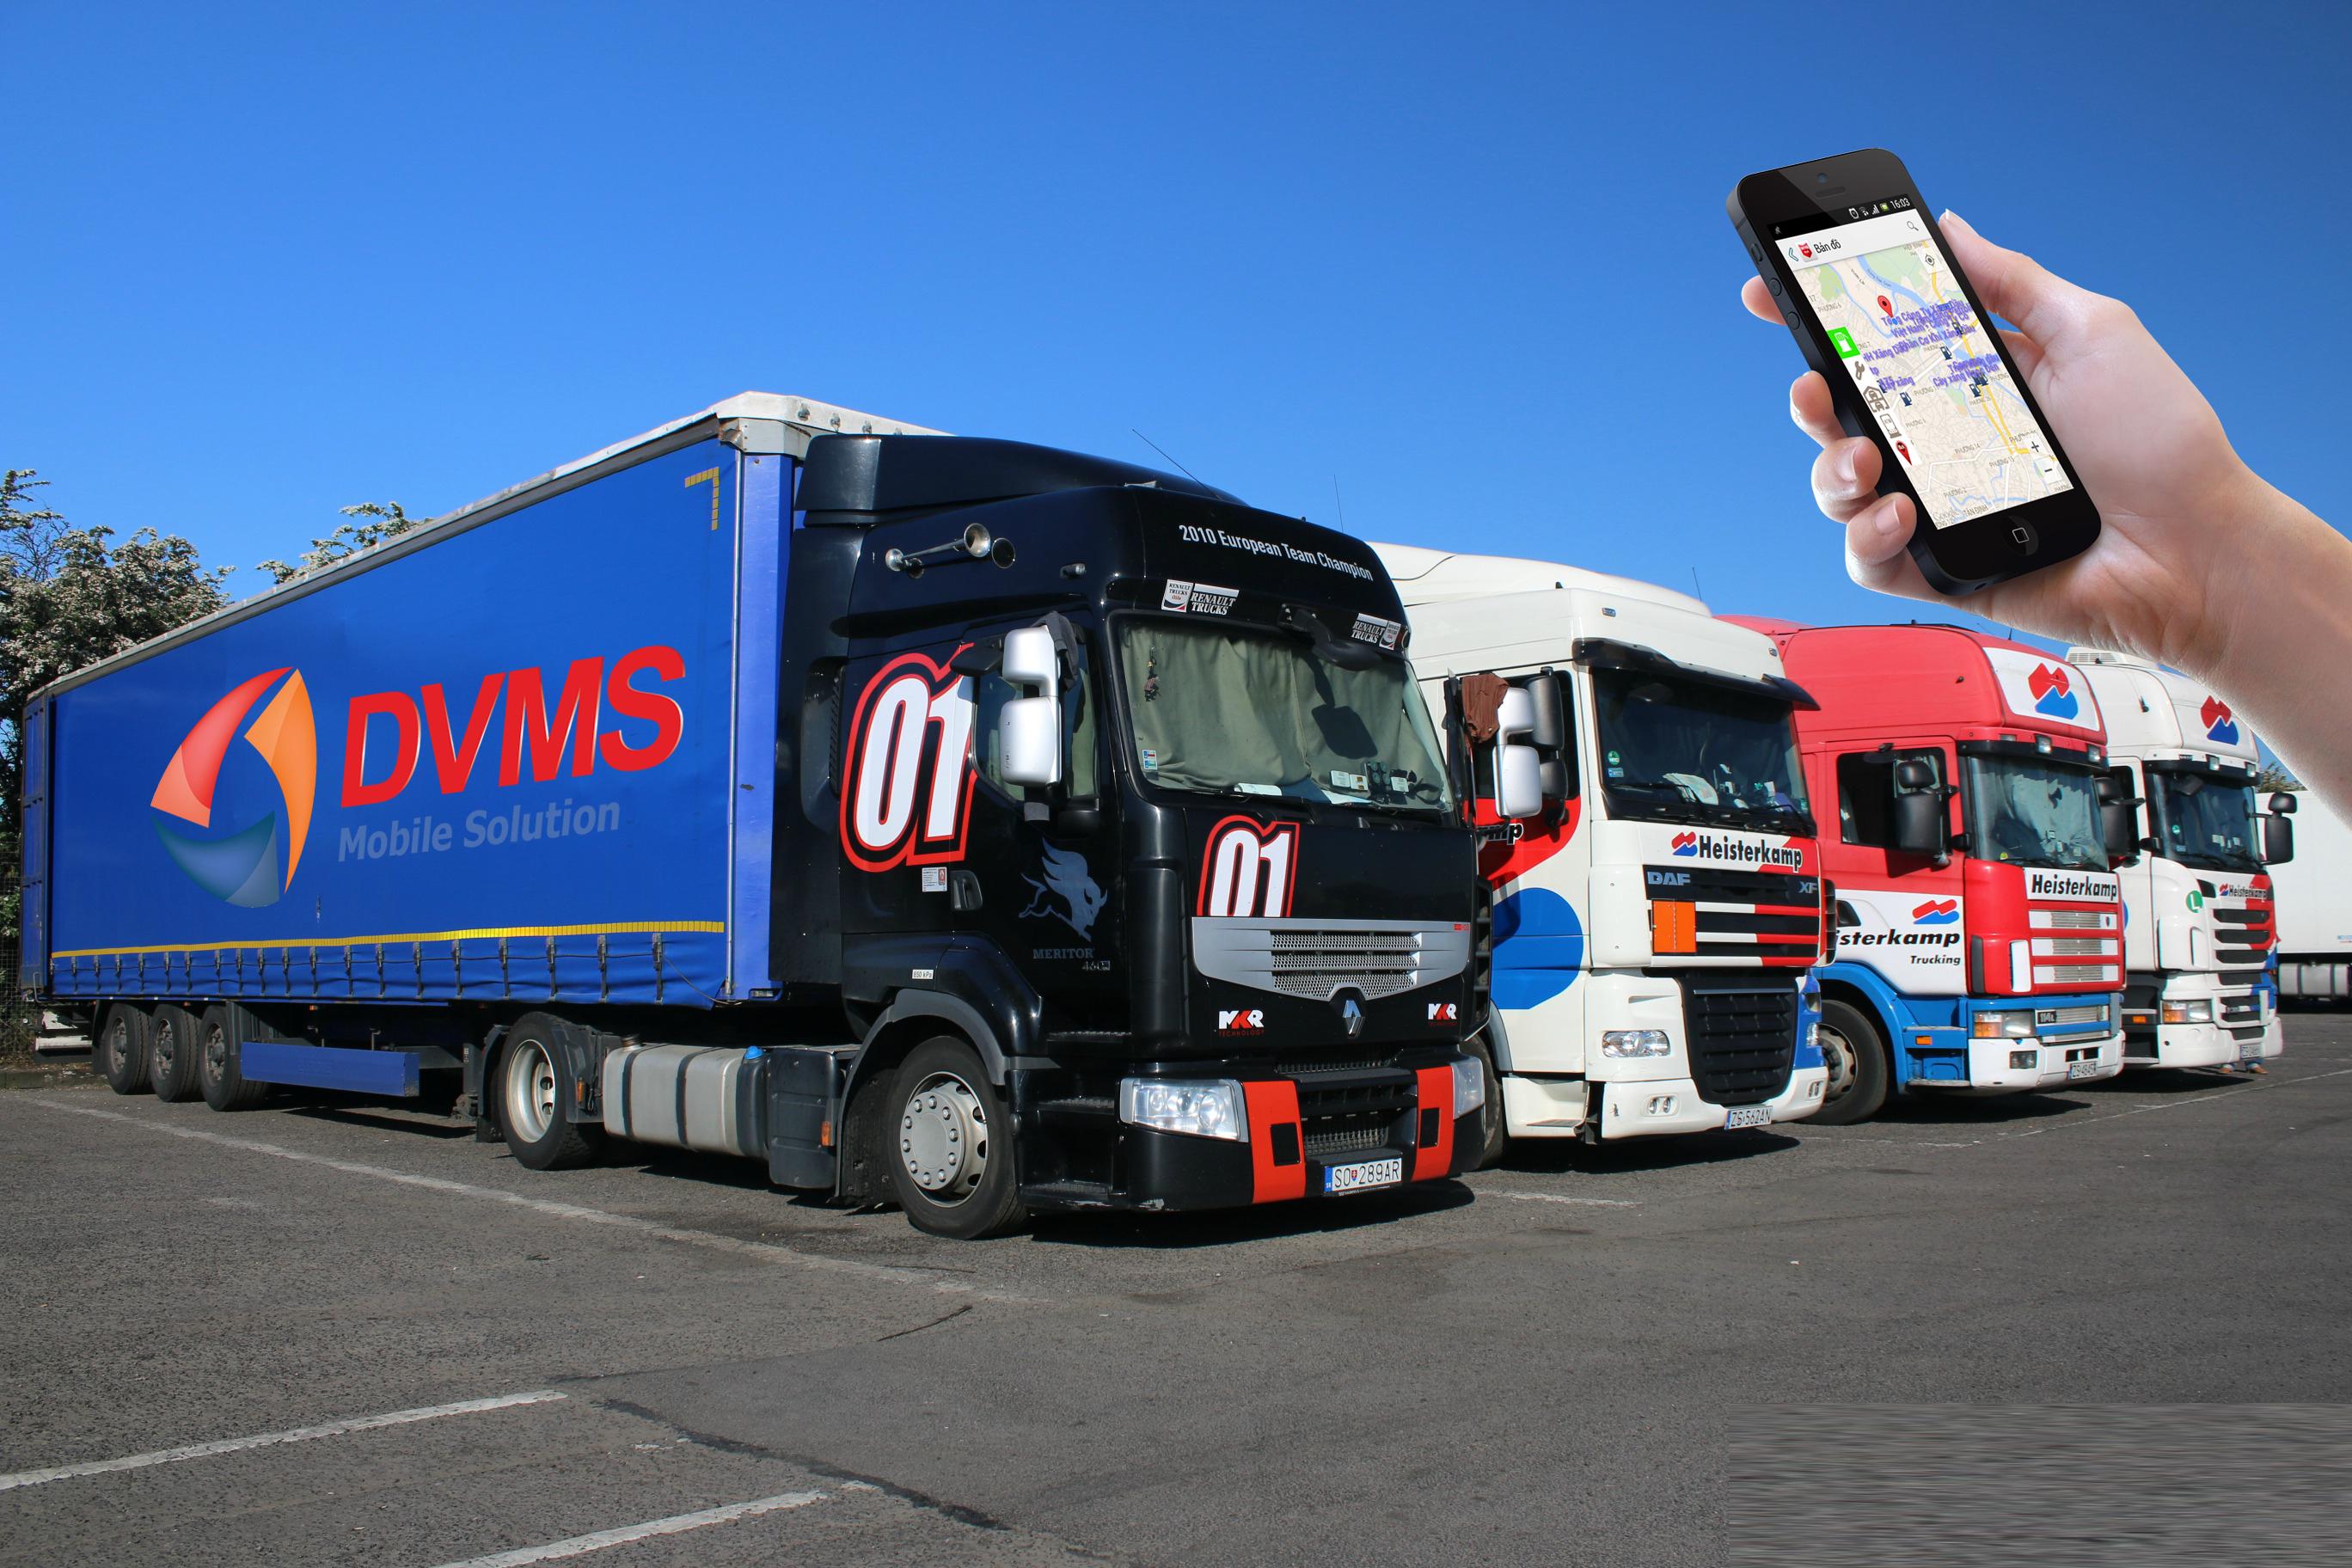 Ứng dụng quản lý vận tải trên smartphone